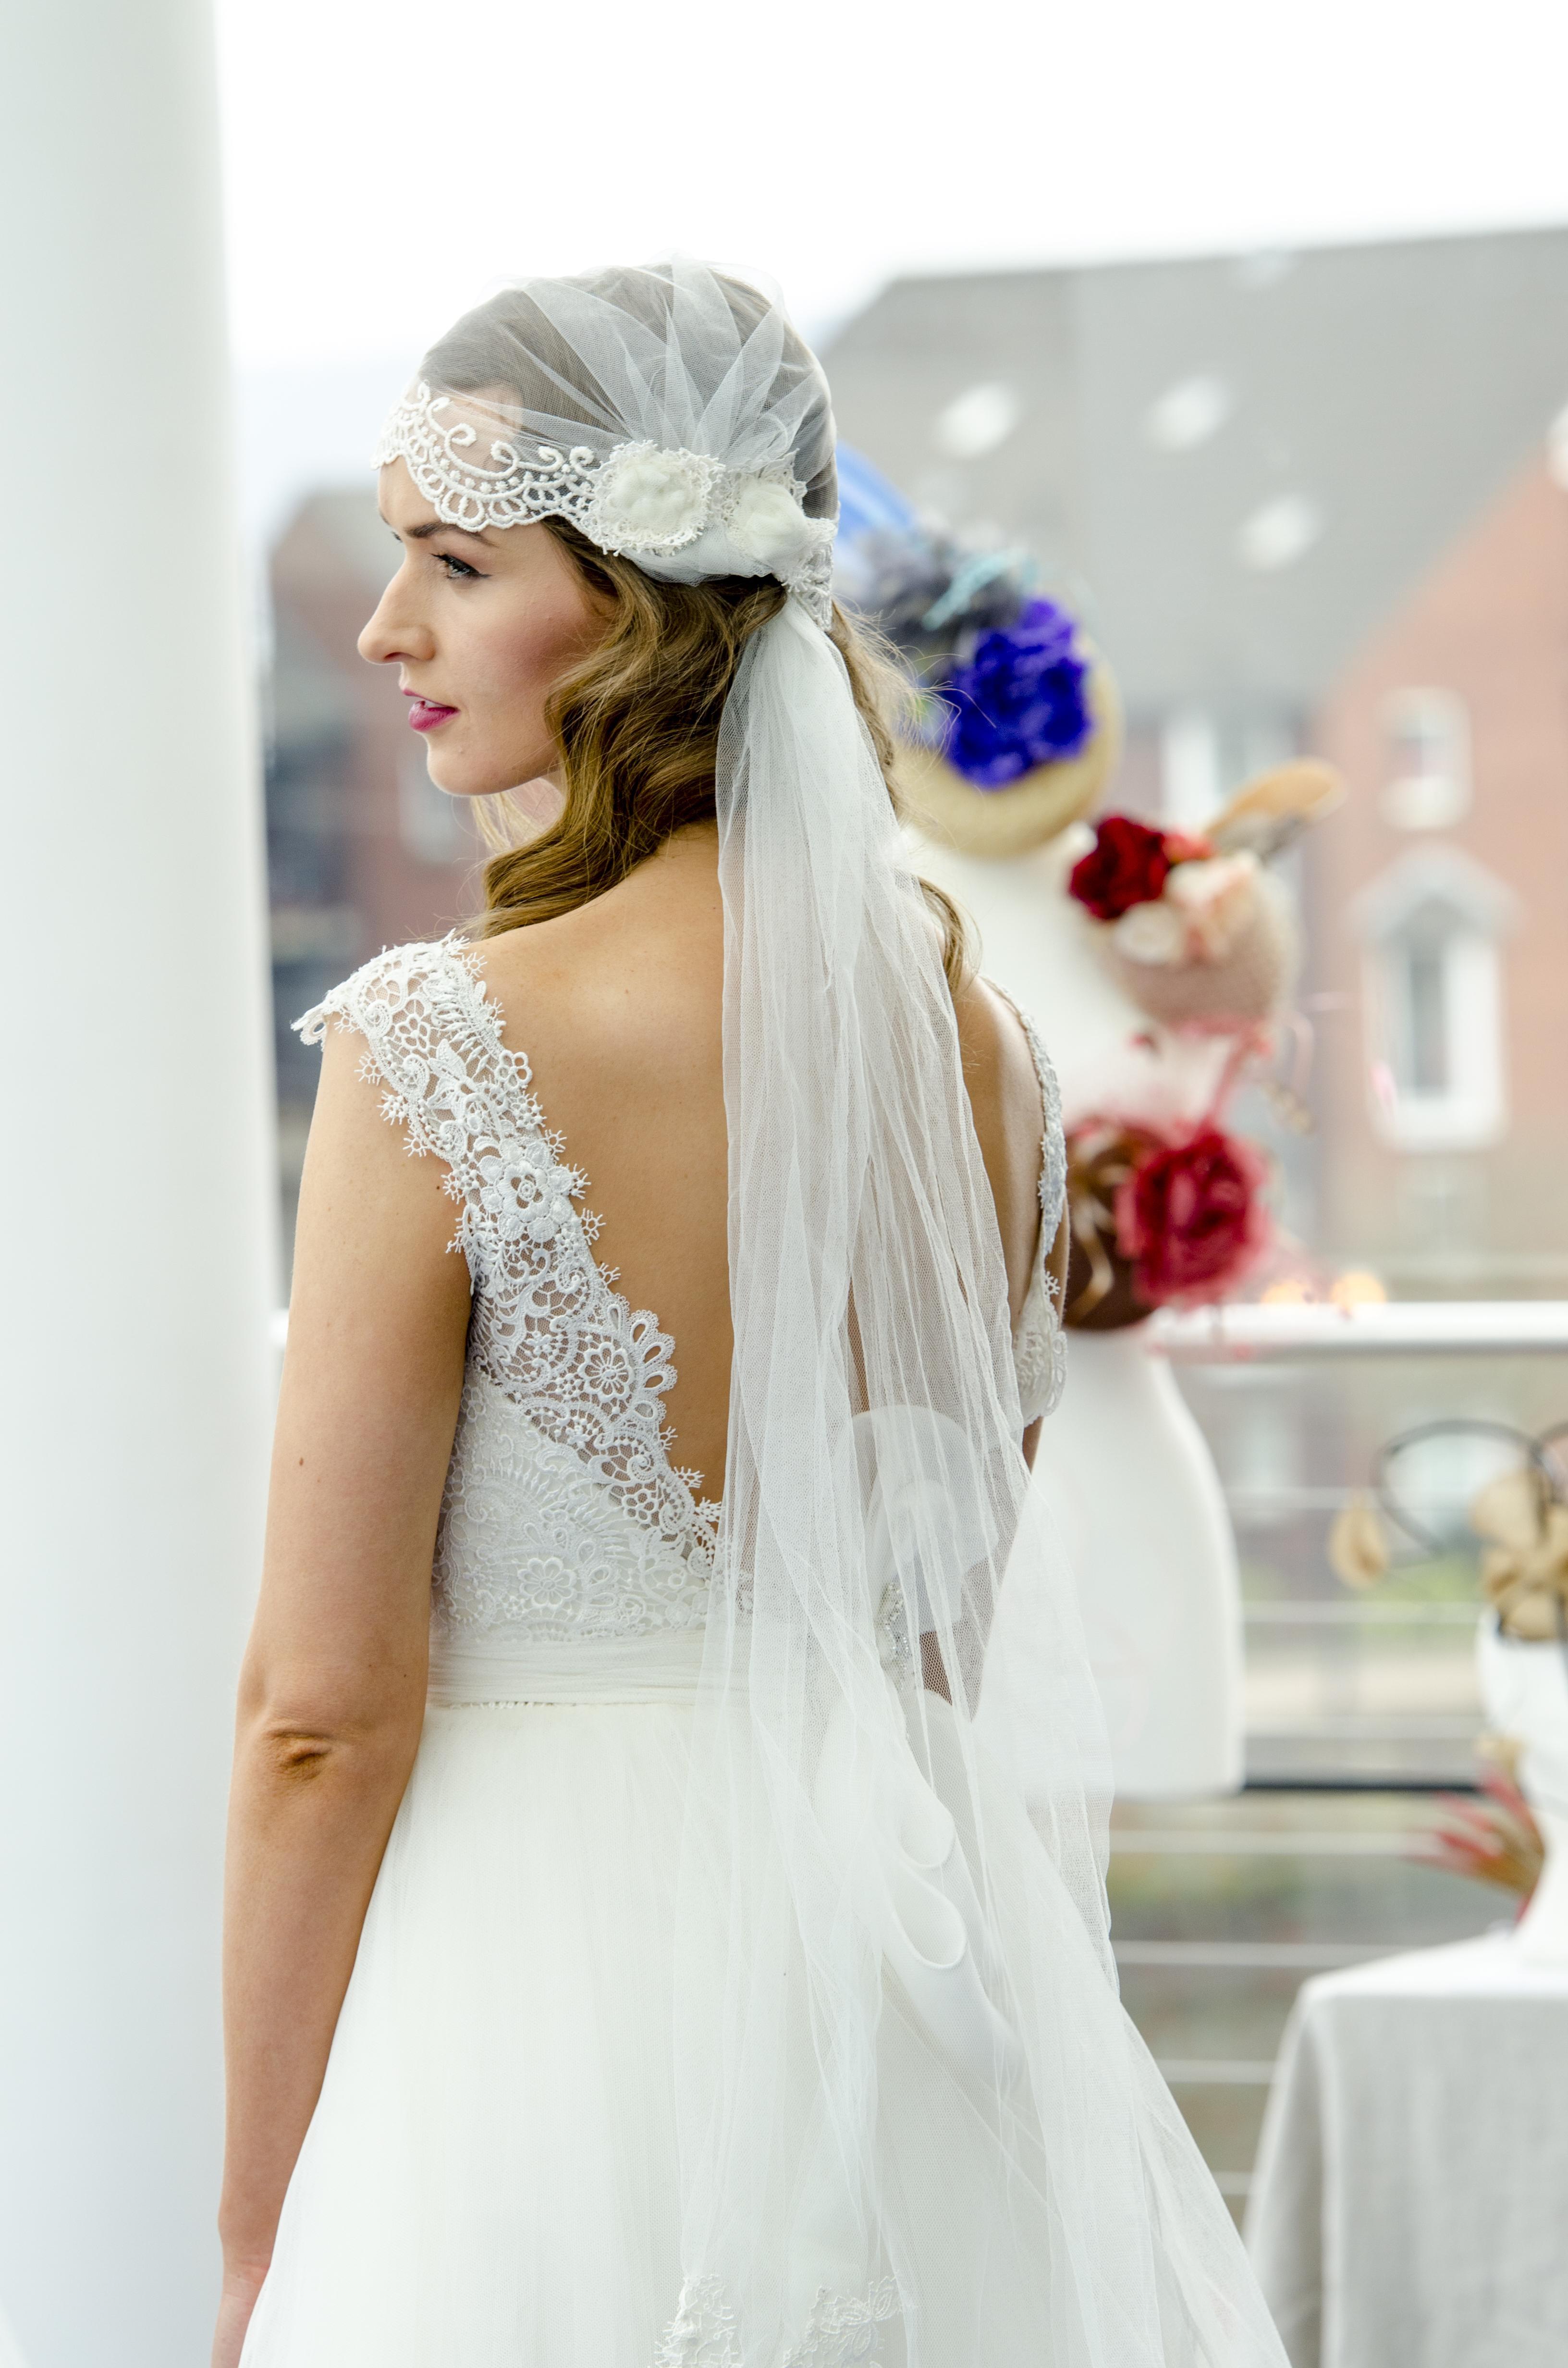 Sims 4 Wedding Veil.Sims 4 Wedding Dress And Veil Lixnet Ag